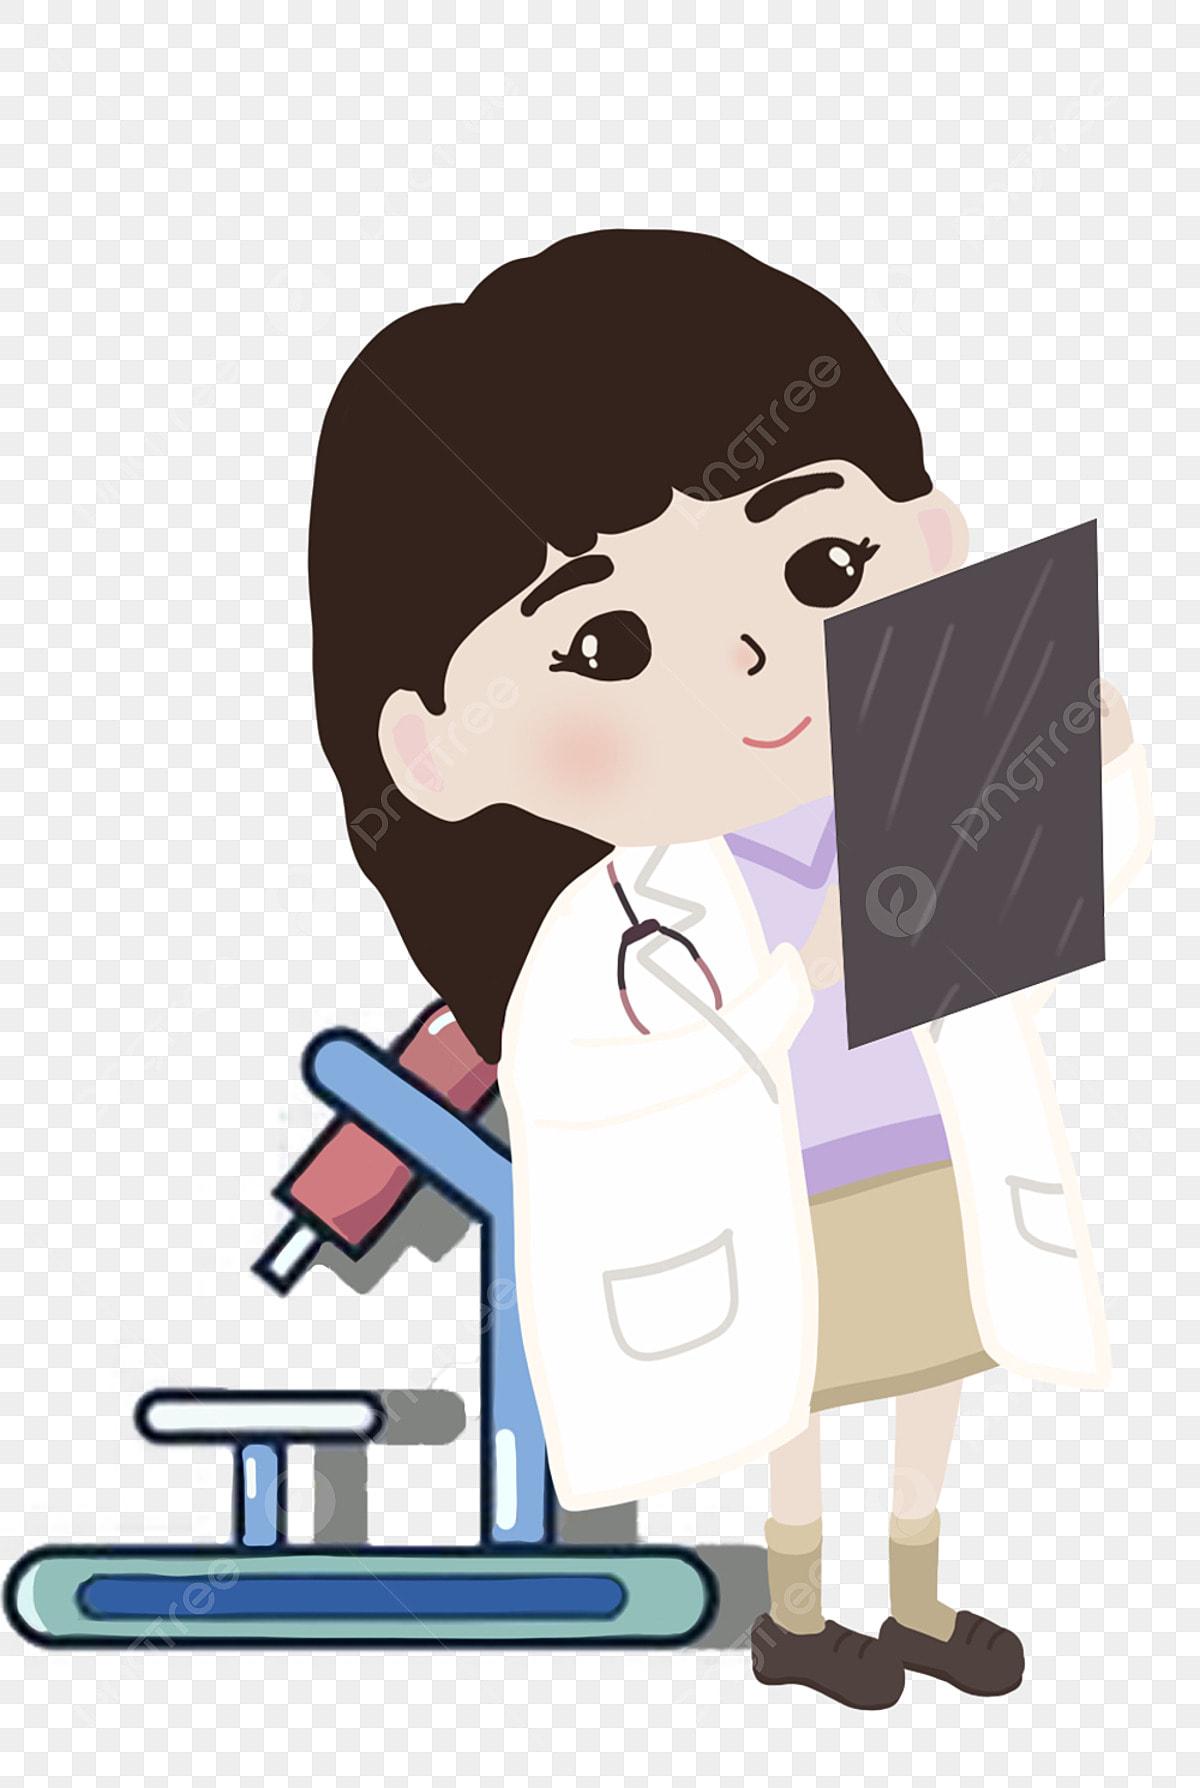 اليد الطبية مرسومة التوضيح مرآة سوداء طبيب جميل المجهر الأزرق الطبيب مرسومة باليد التوضيح الطبيب اليد الطبية تعادل التوضيح Png وملف Psd للتحميل مجانا